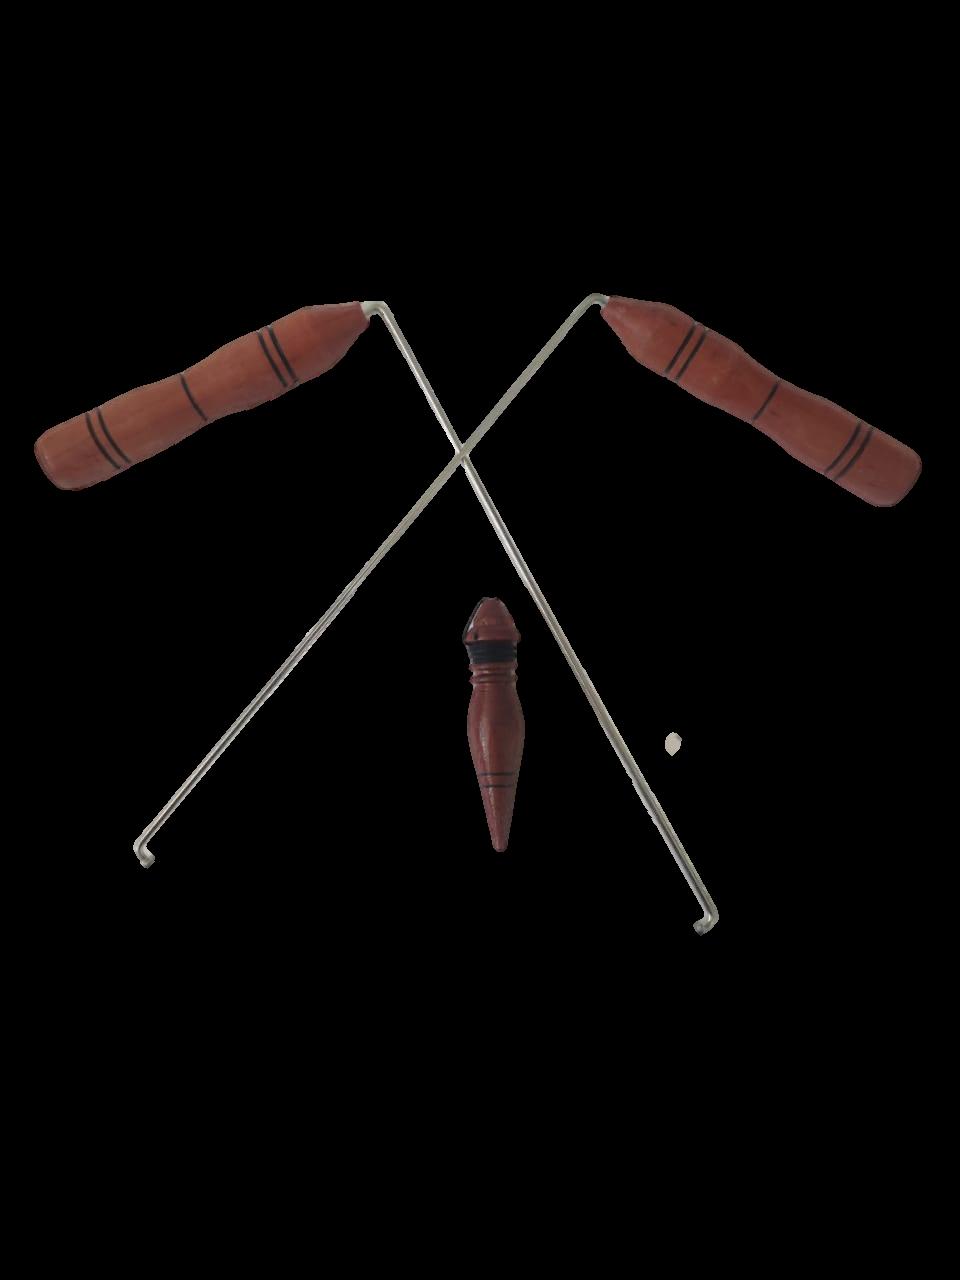 Dual Rod + Pêndulo Modelo P-01 Em Madeira Para Radiestesia